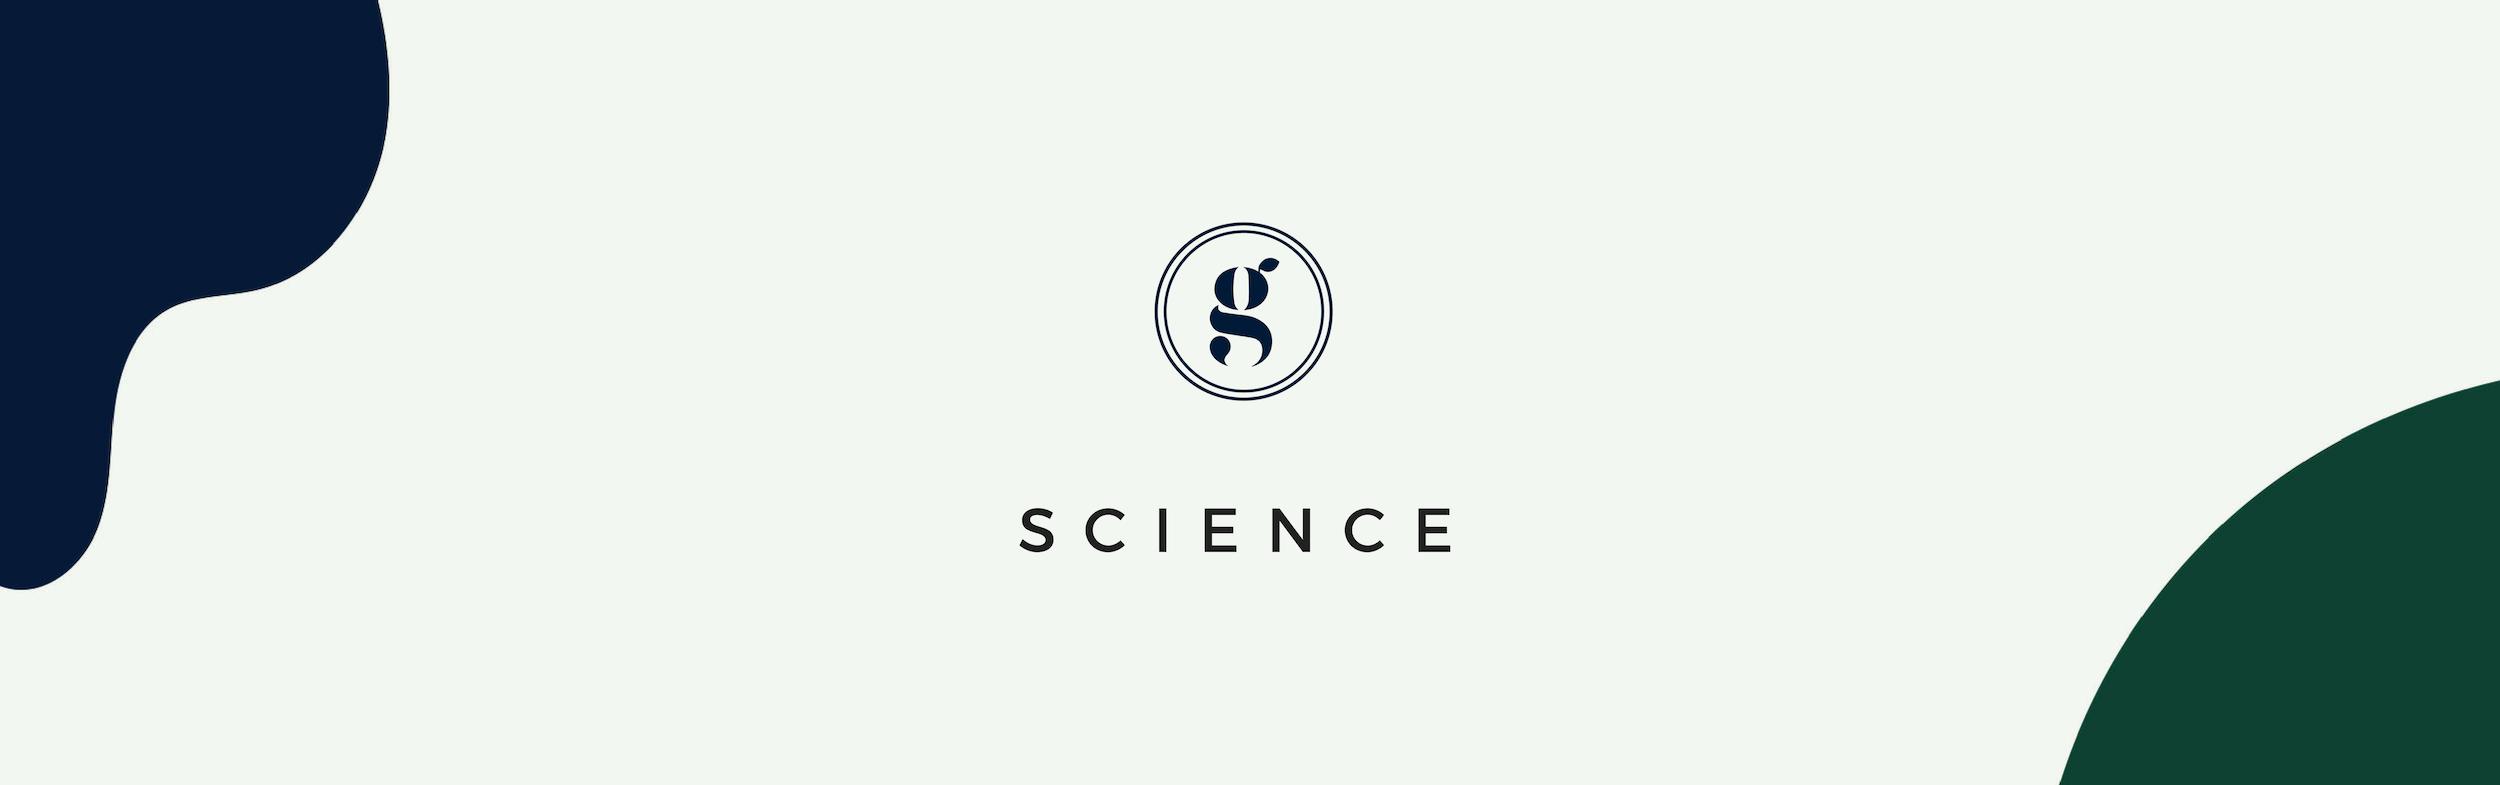 Gutsy+UK+Gut+Health+Science+Learn